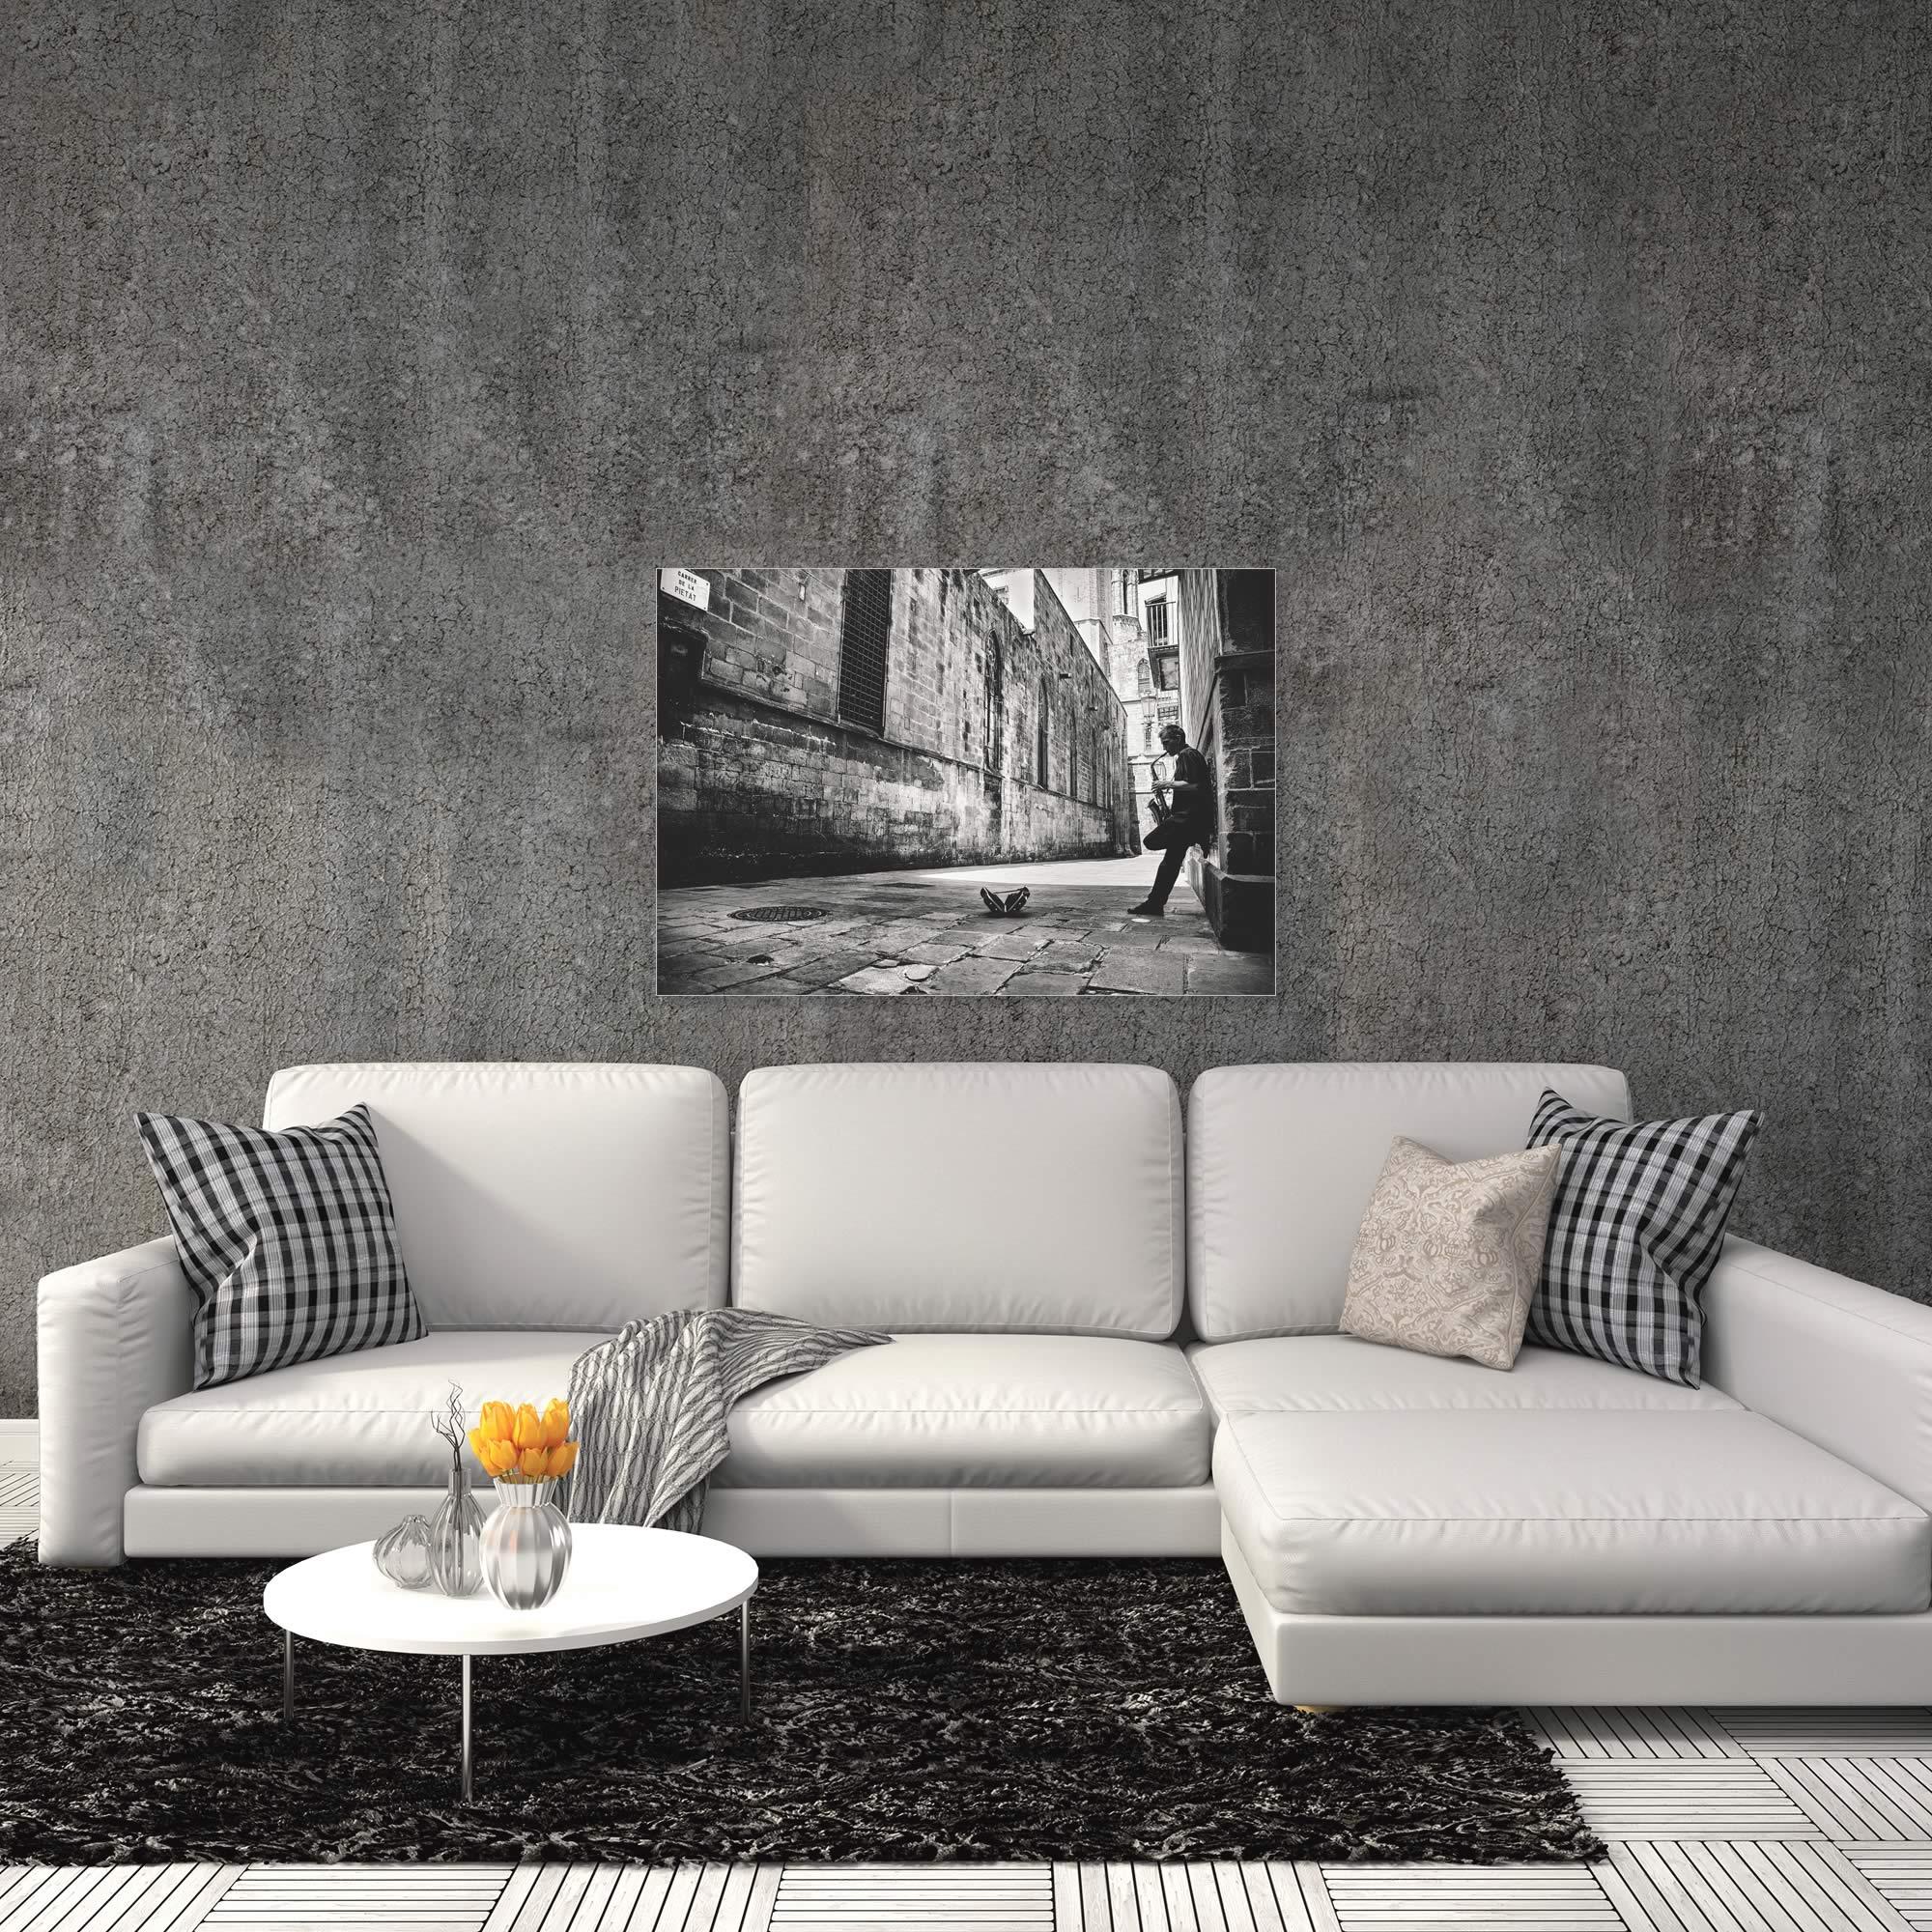 Sax in the City by GertJan van Geerenstein - Black & White Music Art on Metal or Acrylic - Alternate View 1